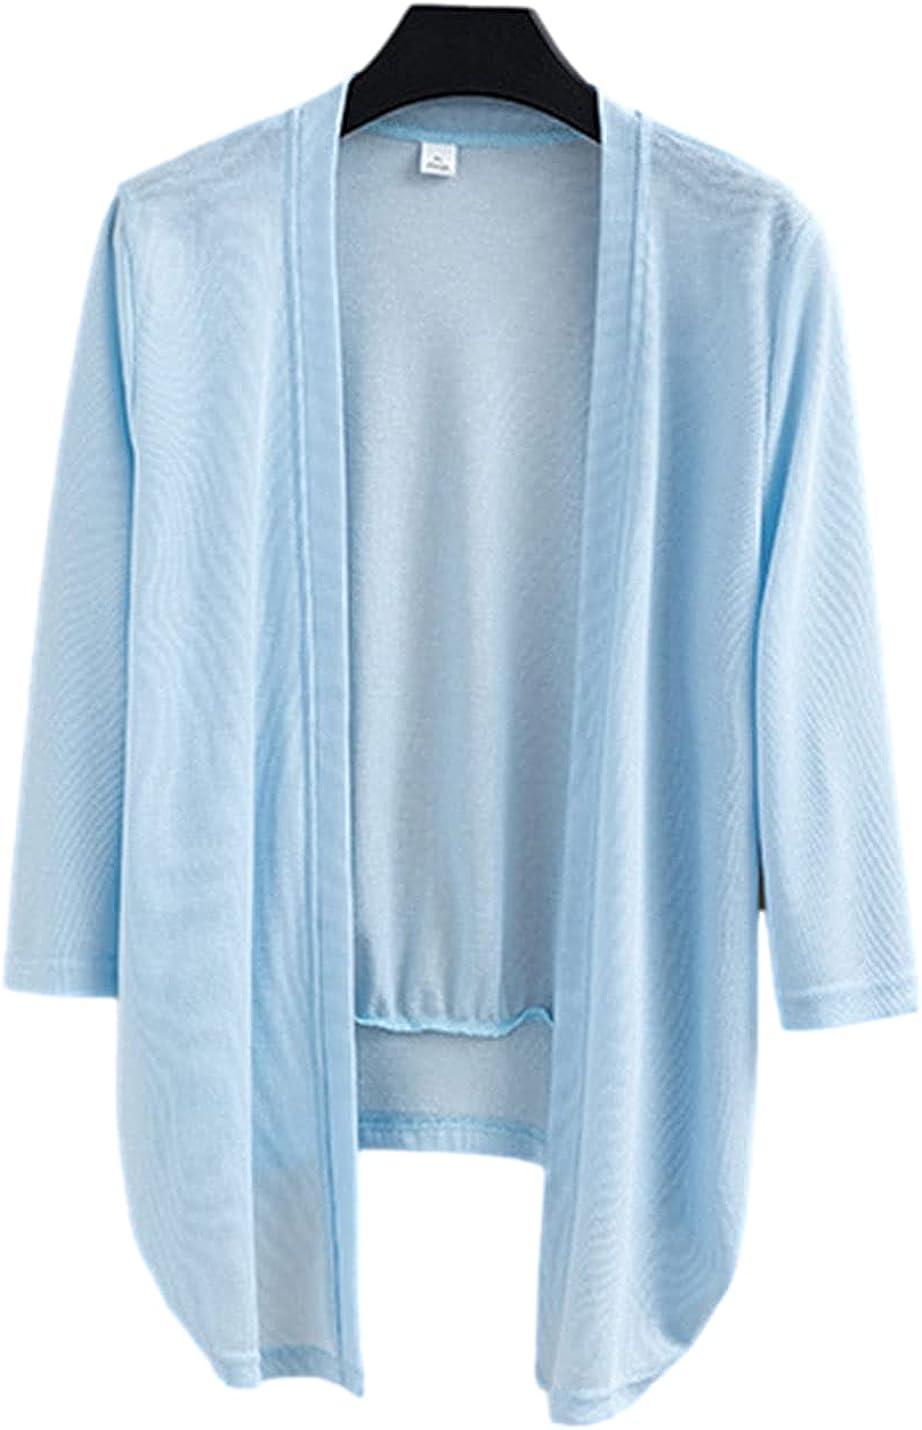 PUWEI Women's Solid 3/4 Sleeve Tie Front Knit Cardigan Lightweight Open Crop Shrug Jacket